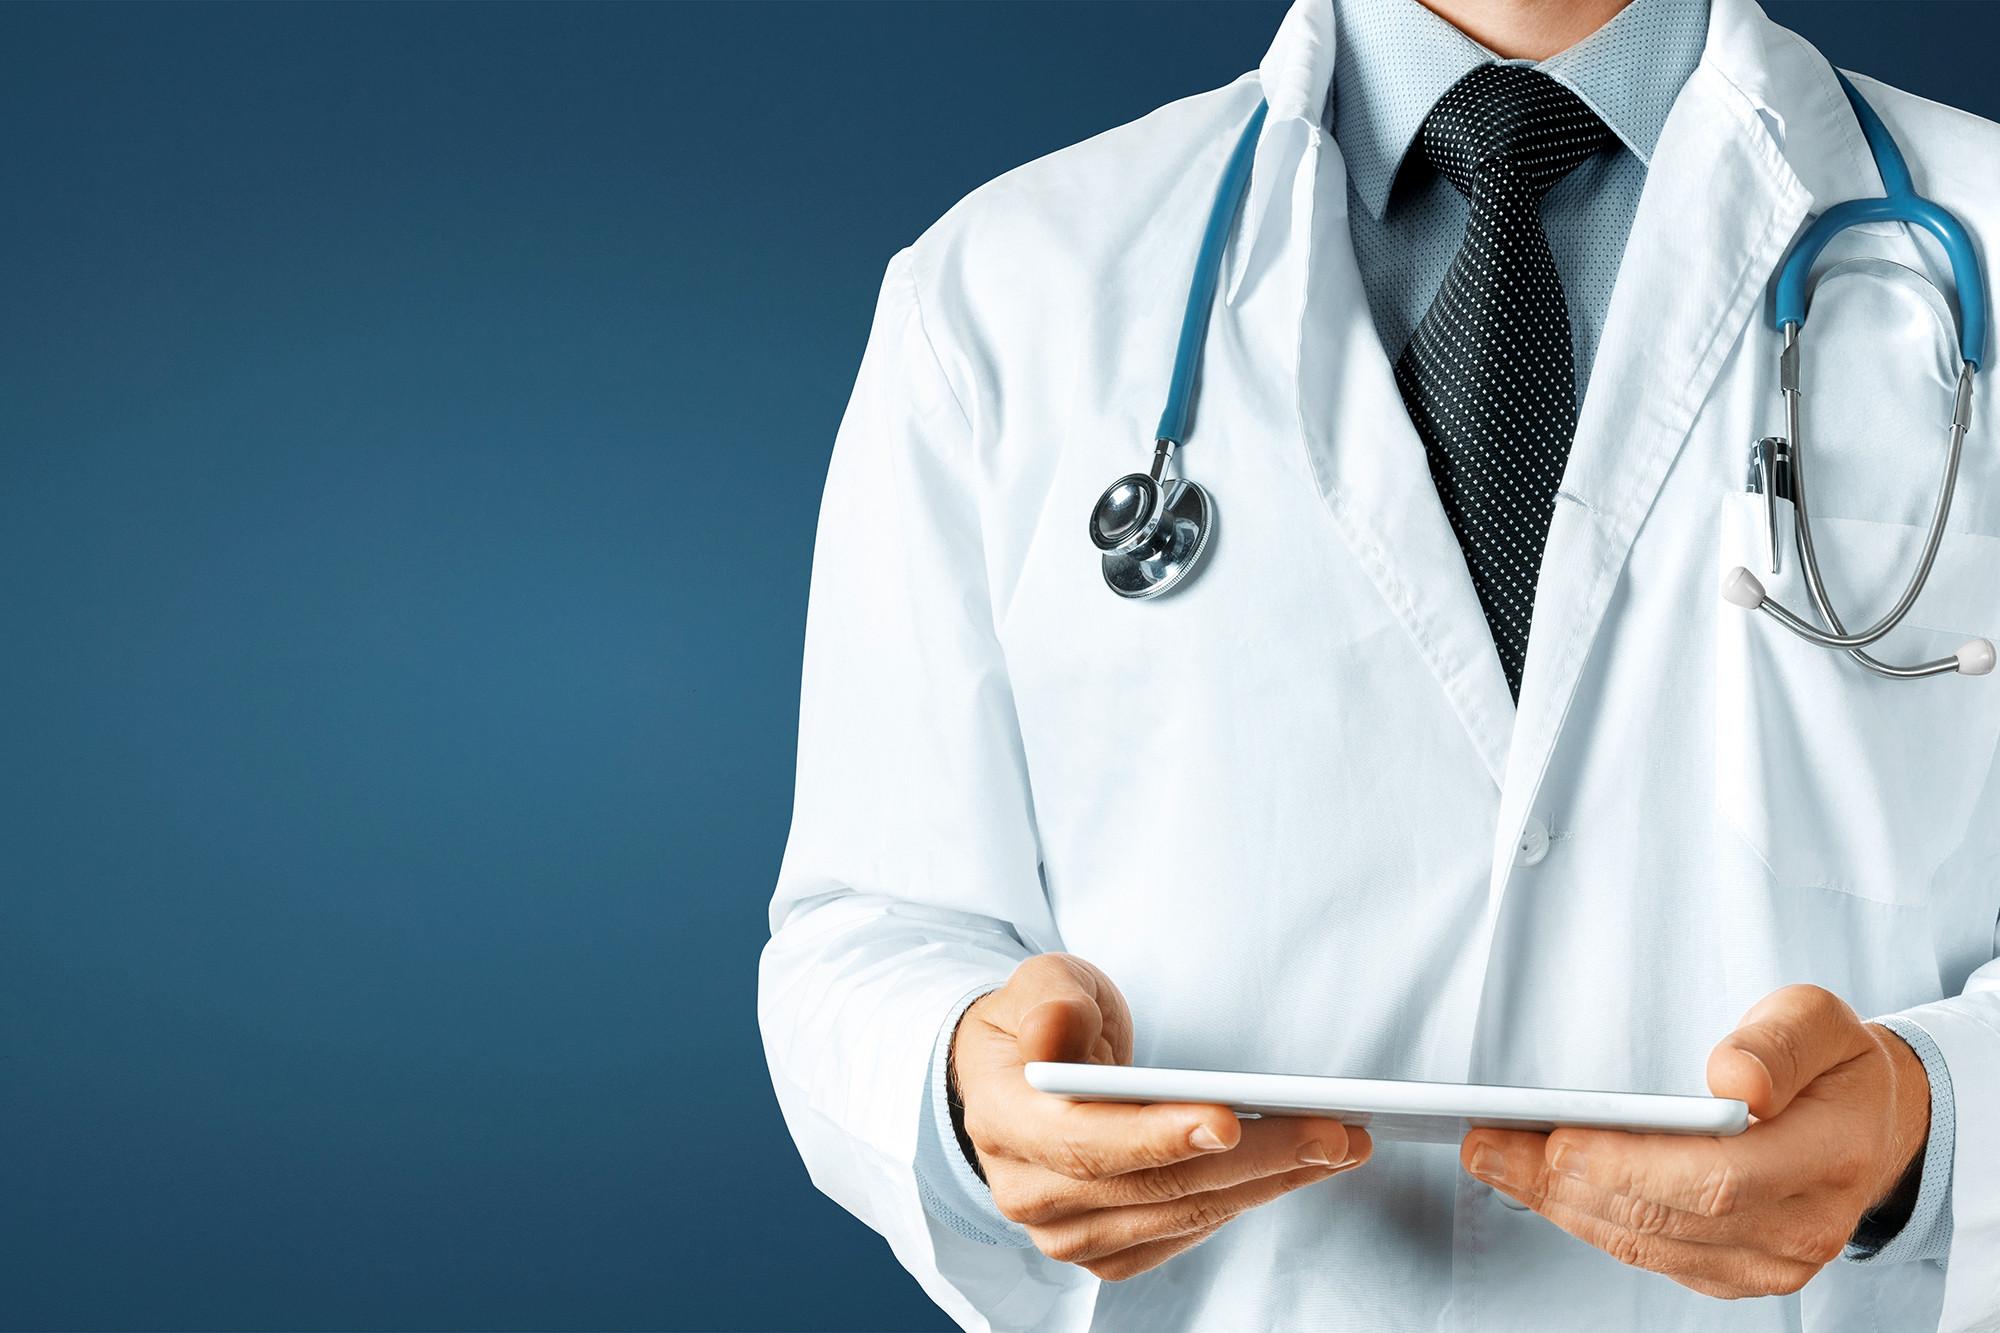 VİP Hastane Hizmetleri